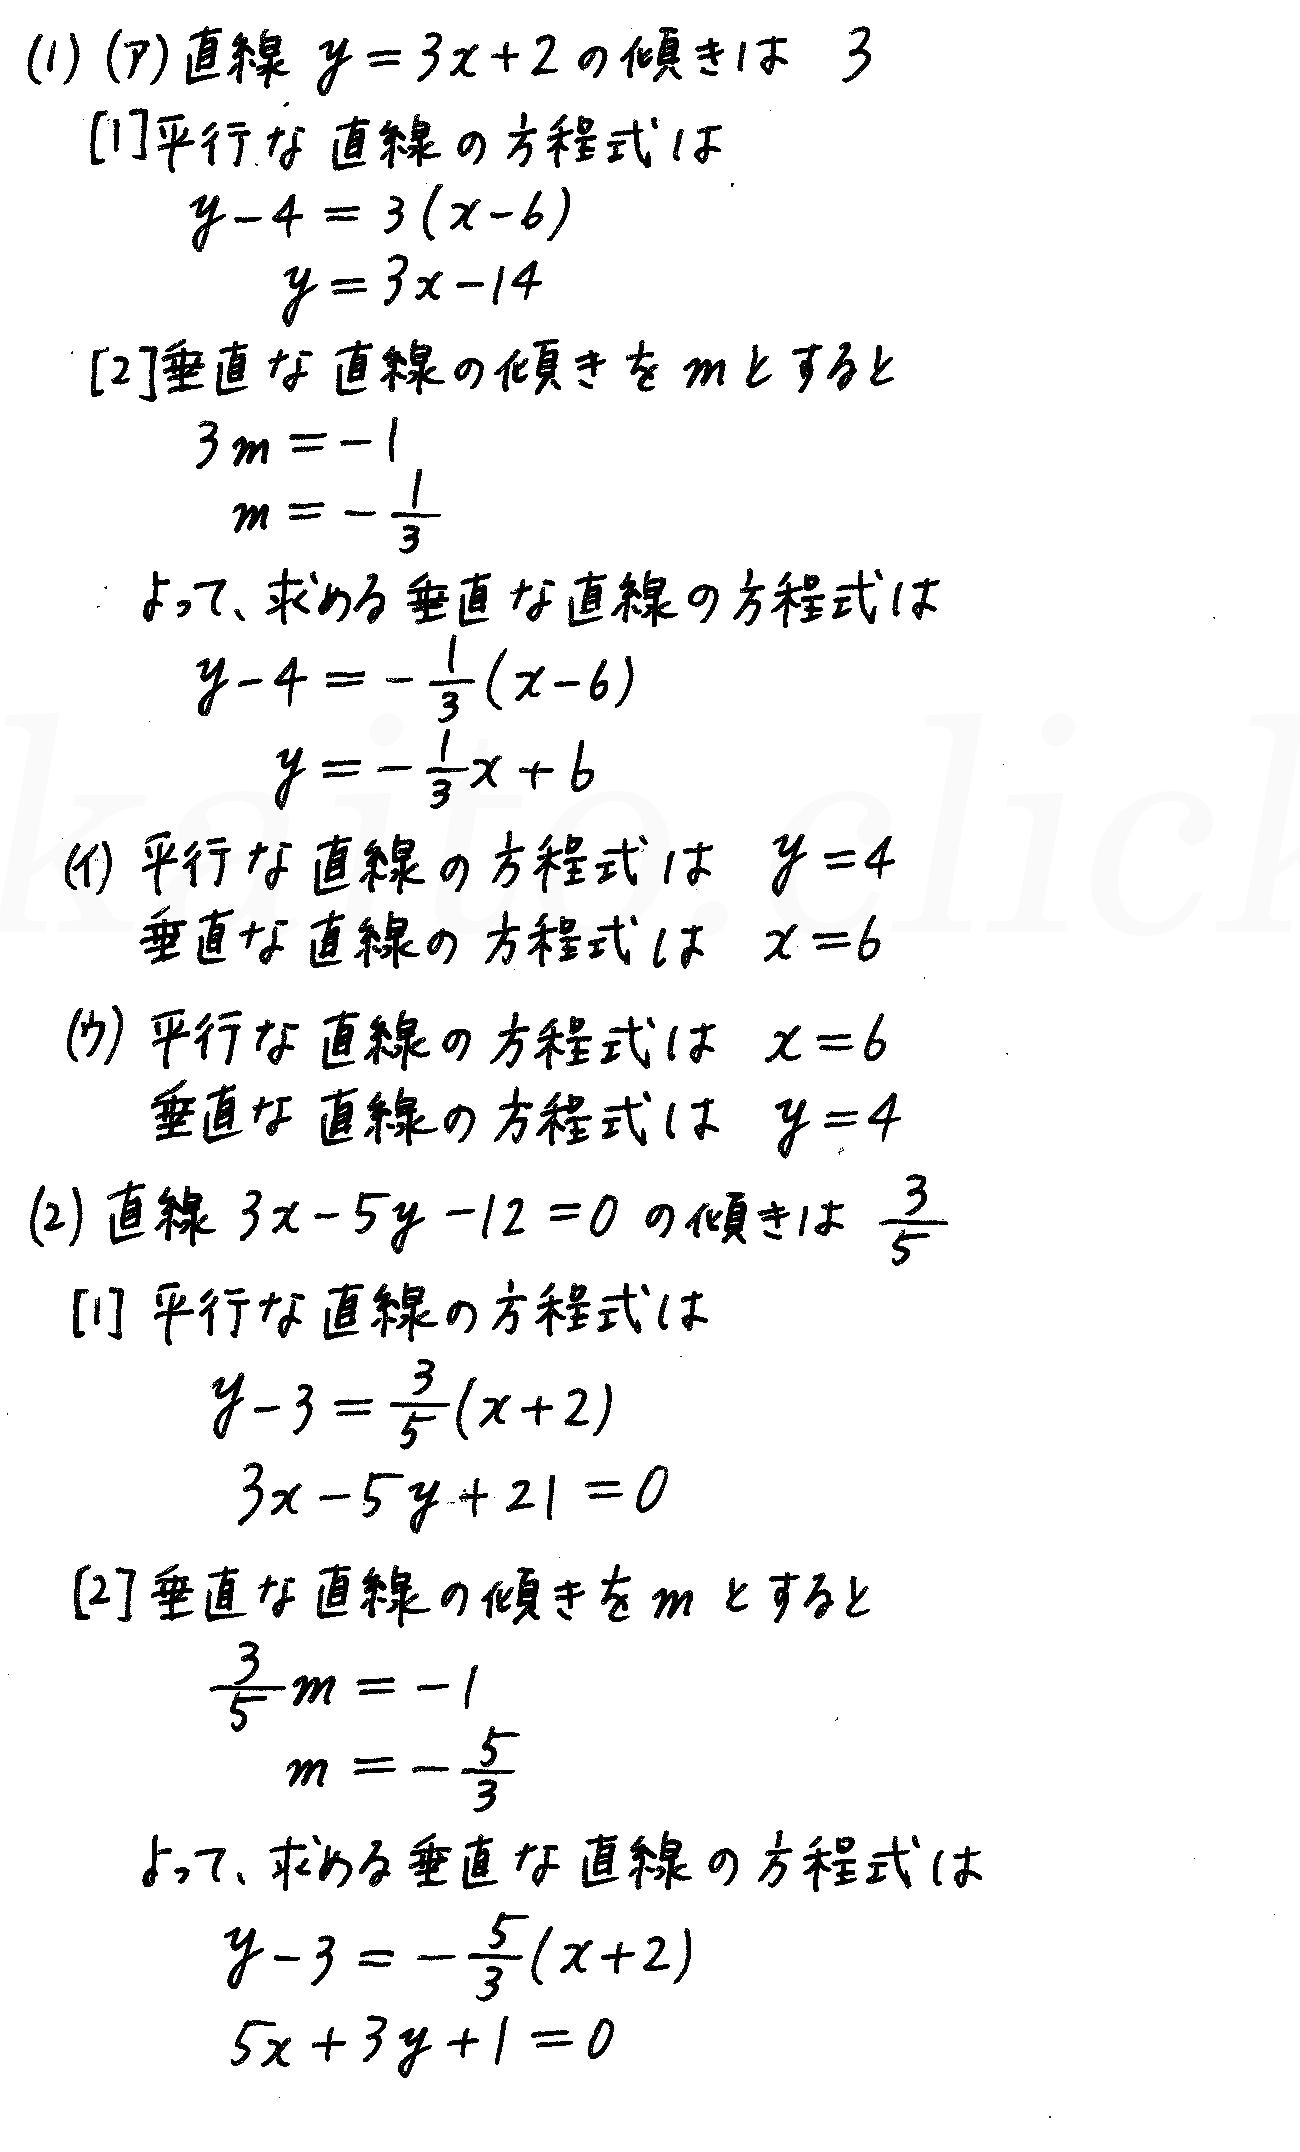 4STEP数学2-171解答